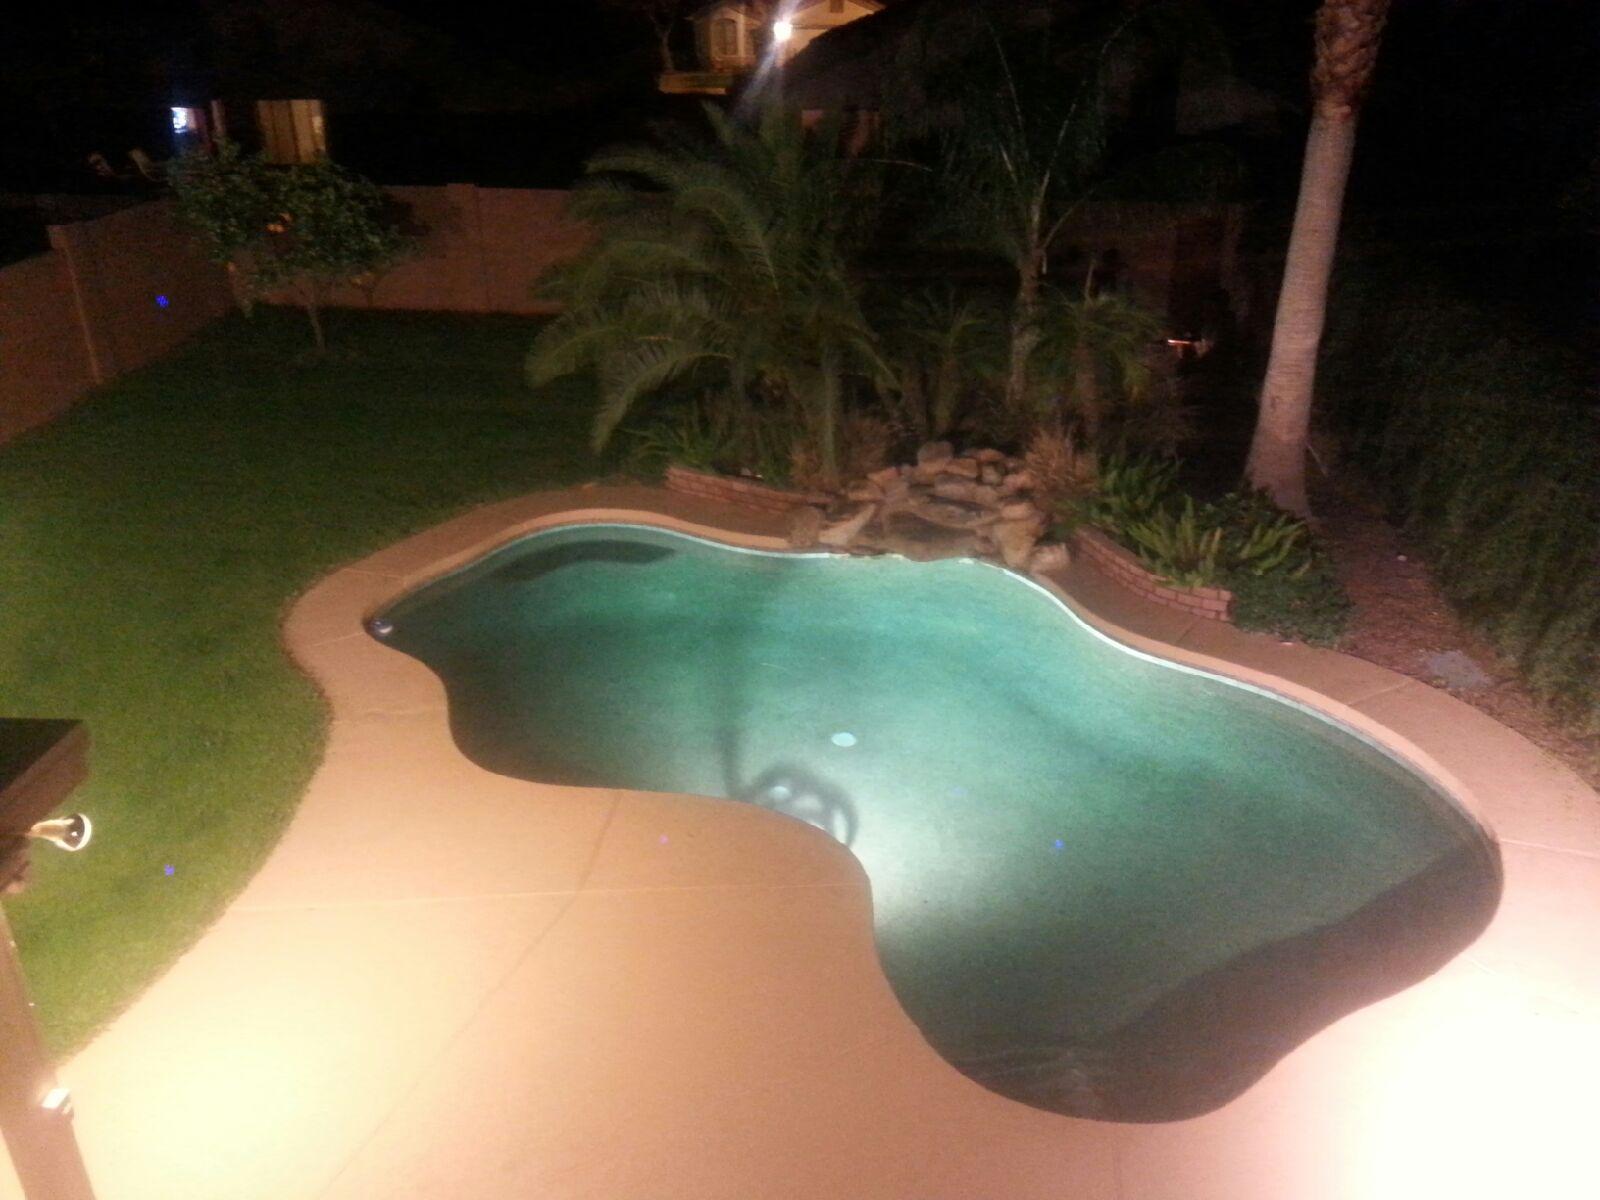 Night lighting in an oasis pool